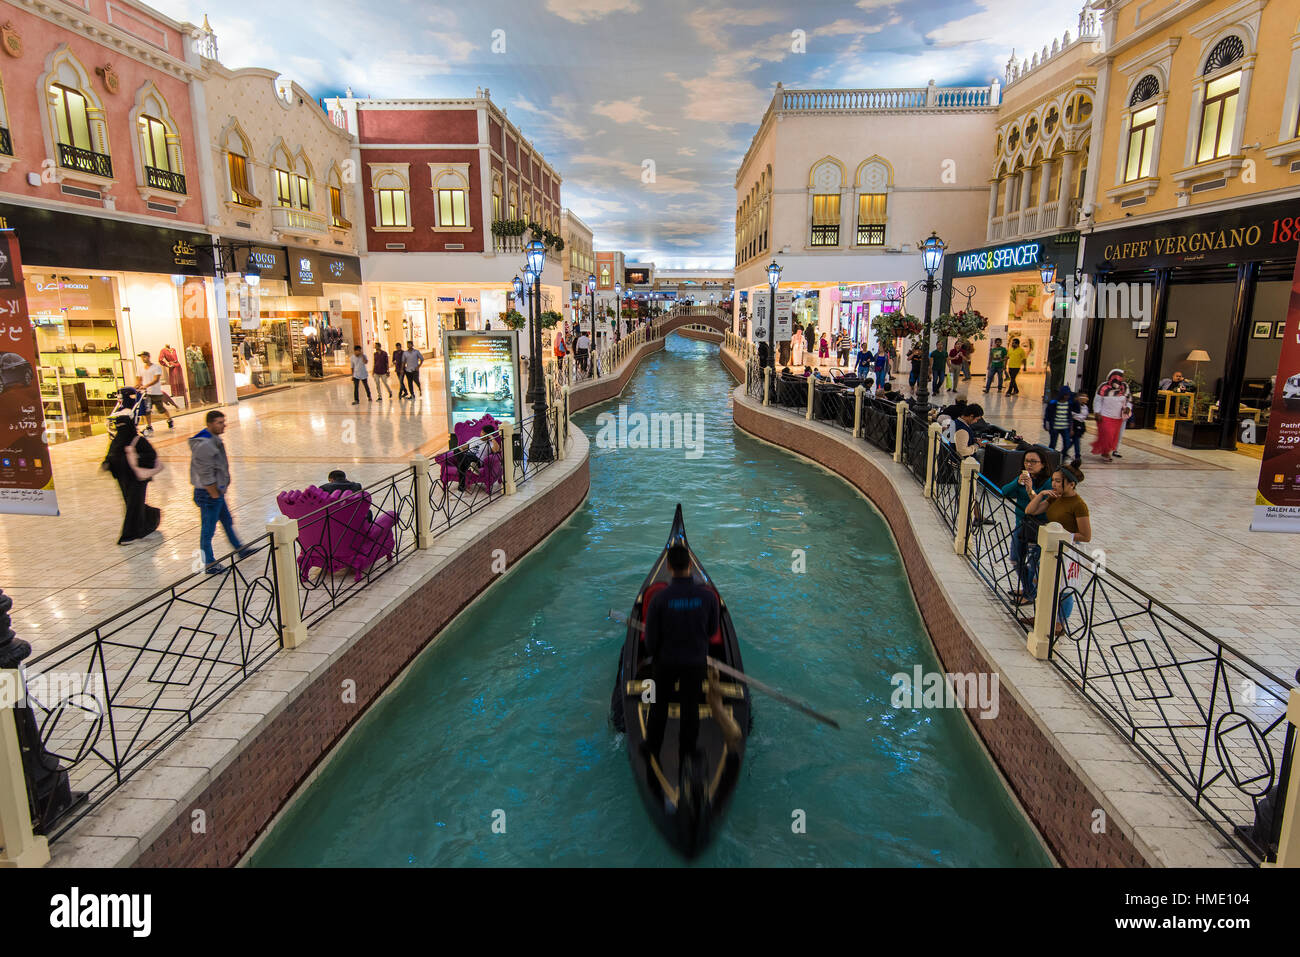 Vista sobre el Italiano Venecia-themed interior de Villaggio Mall, Doha, Qatar Imagen De Stock